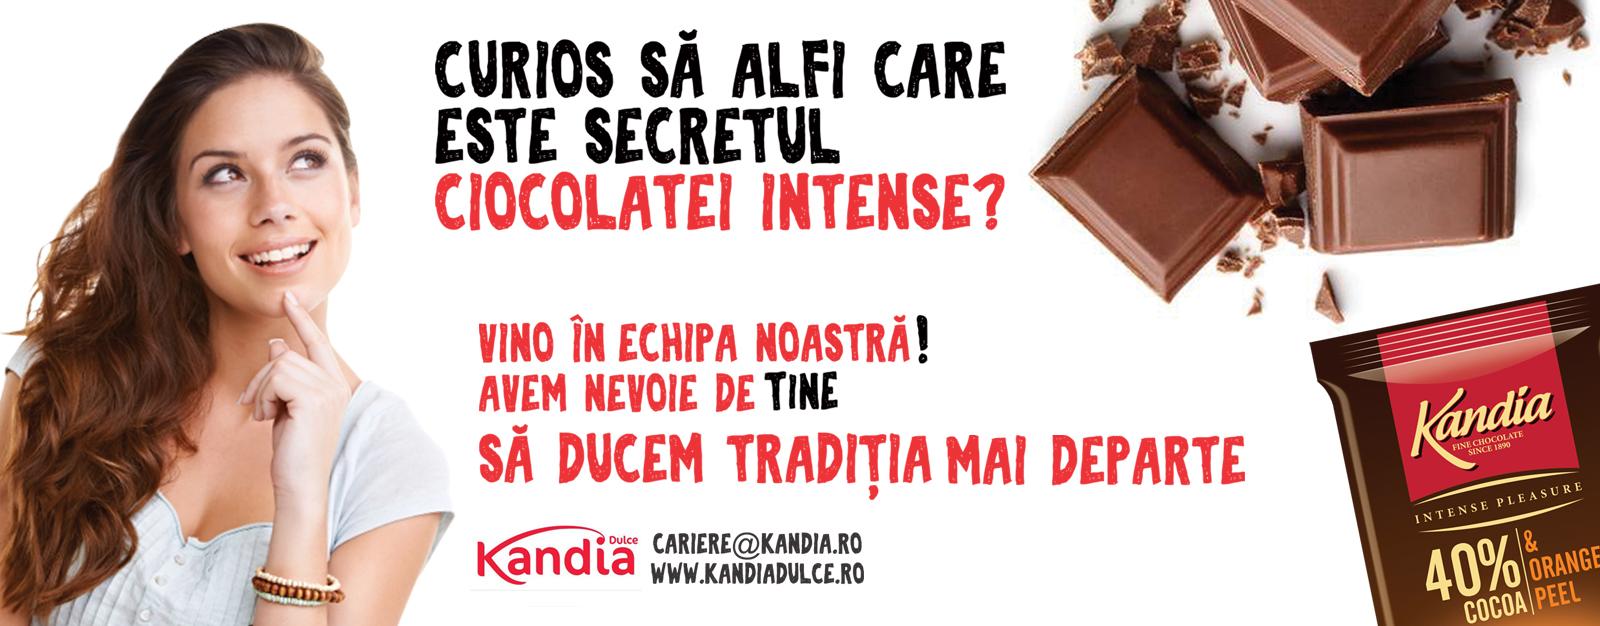 Curios să afli care este secretul ciocolatei intense?